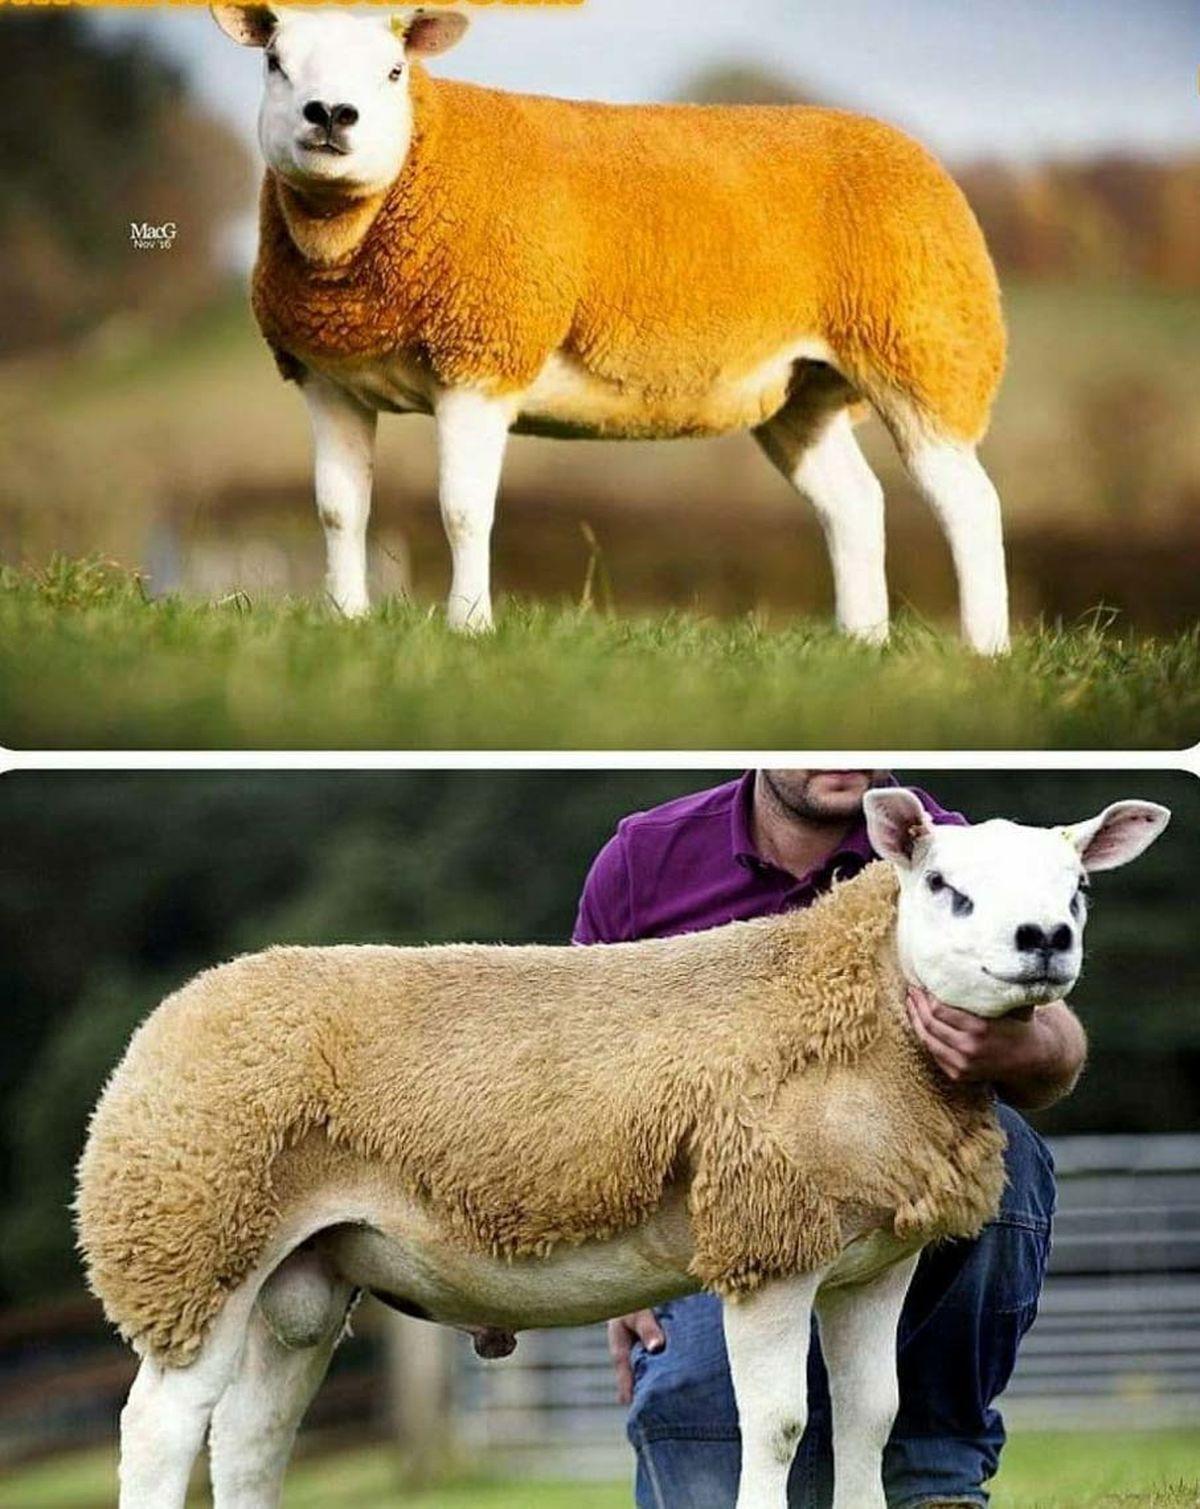 گرانترین گوسفند جهان به قیمت 2 برابر پورشه